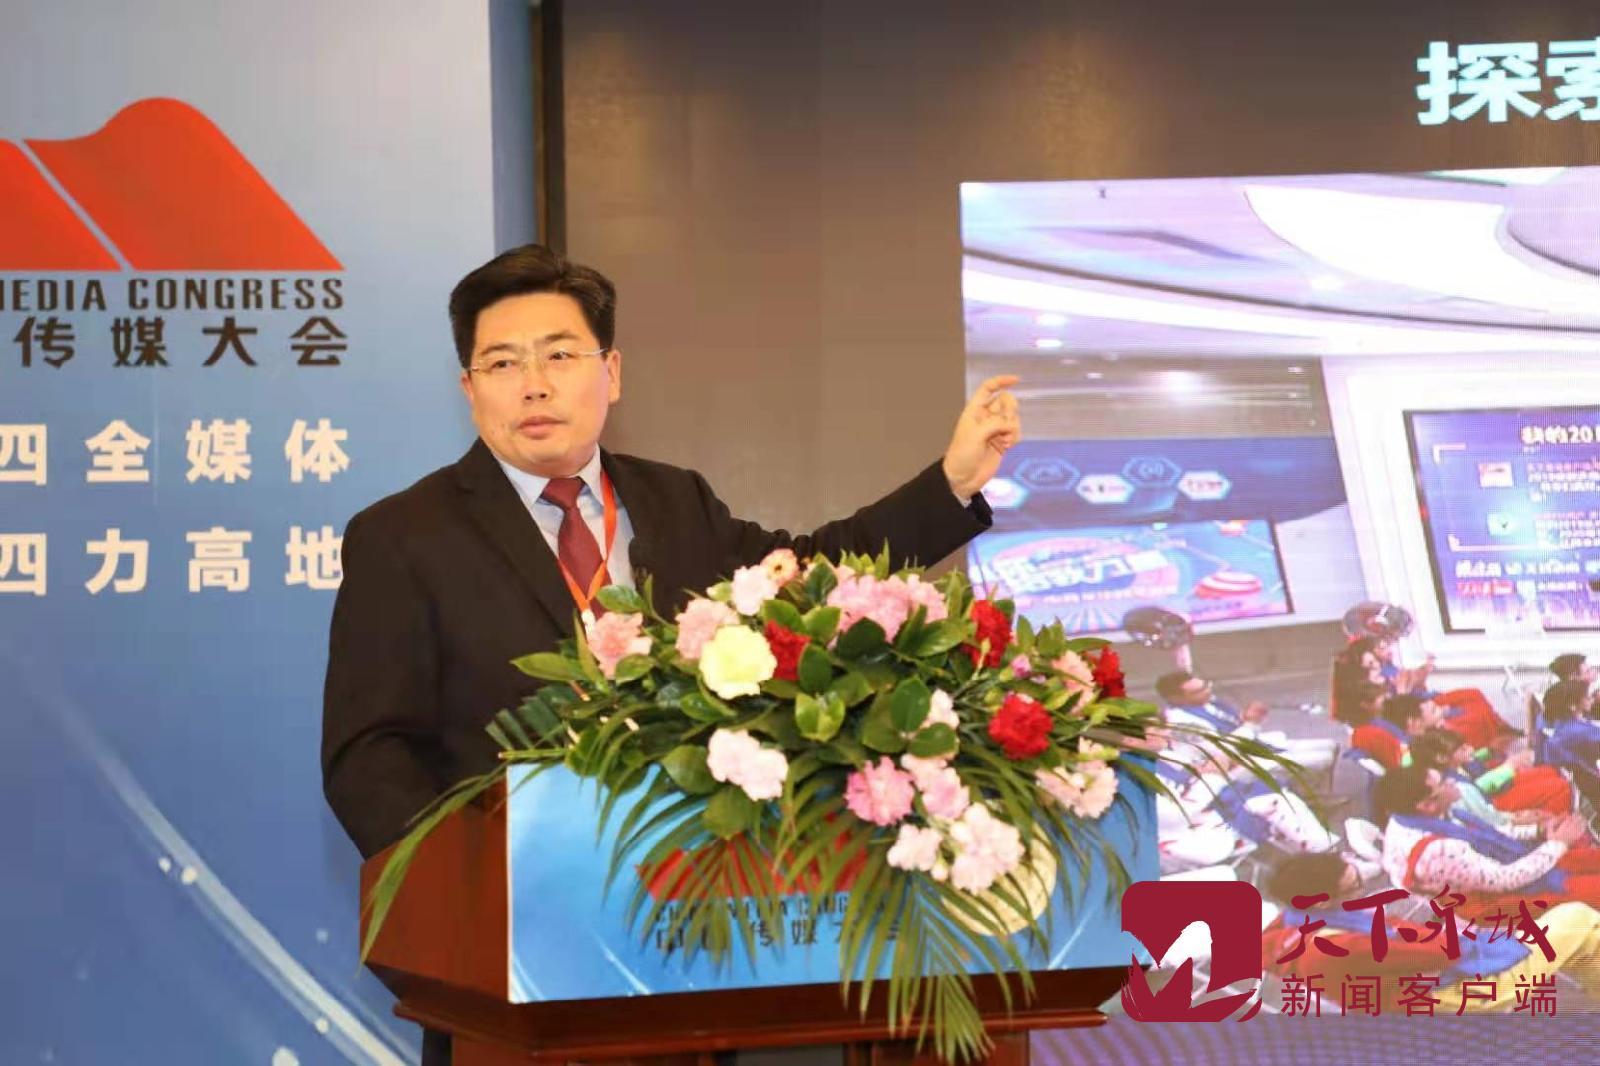 中國傳媒大會重點推介濟南廣電媒體融合經驗做法